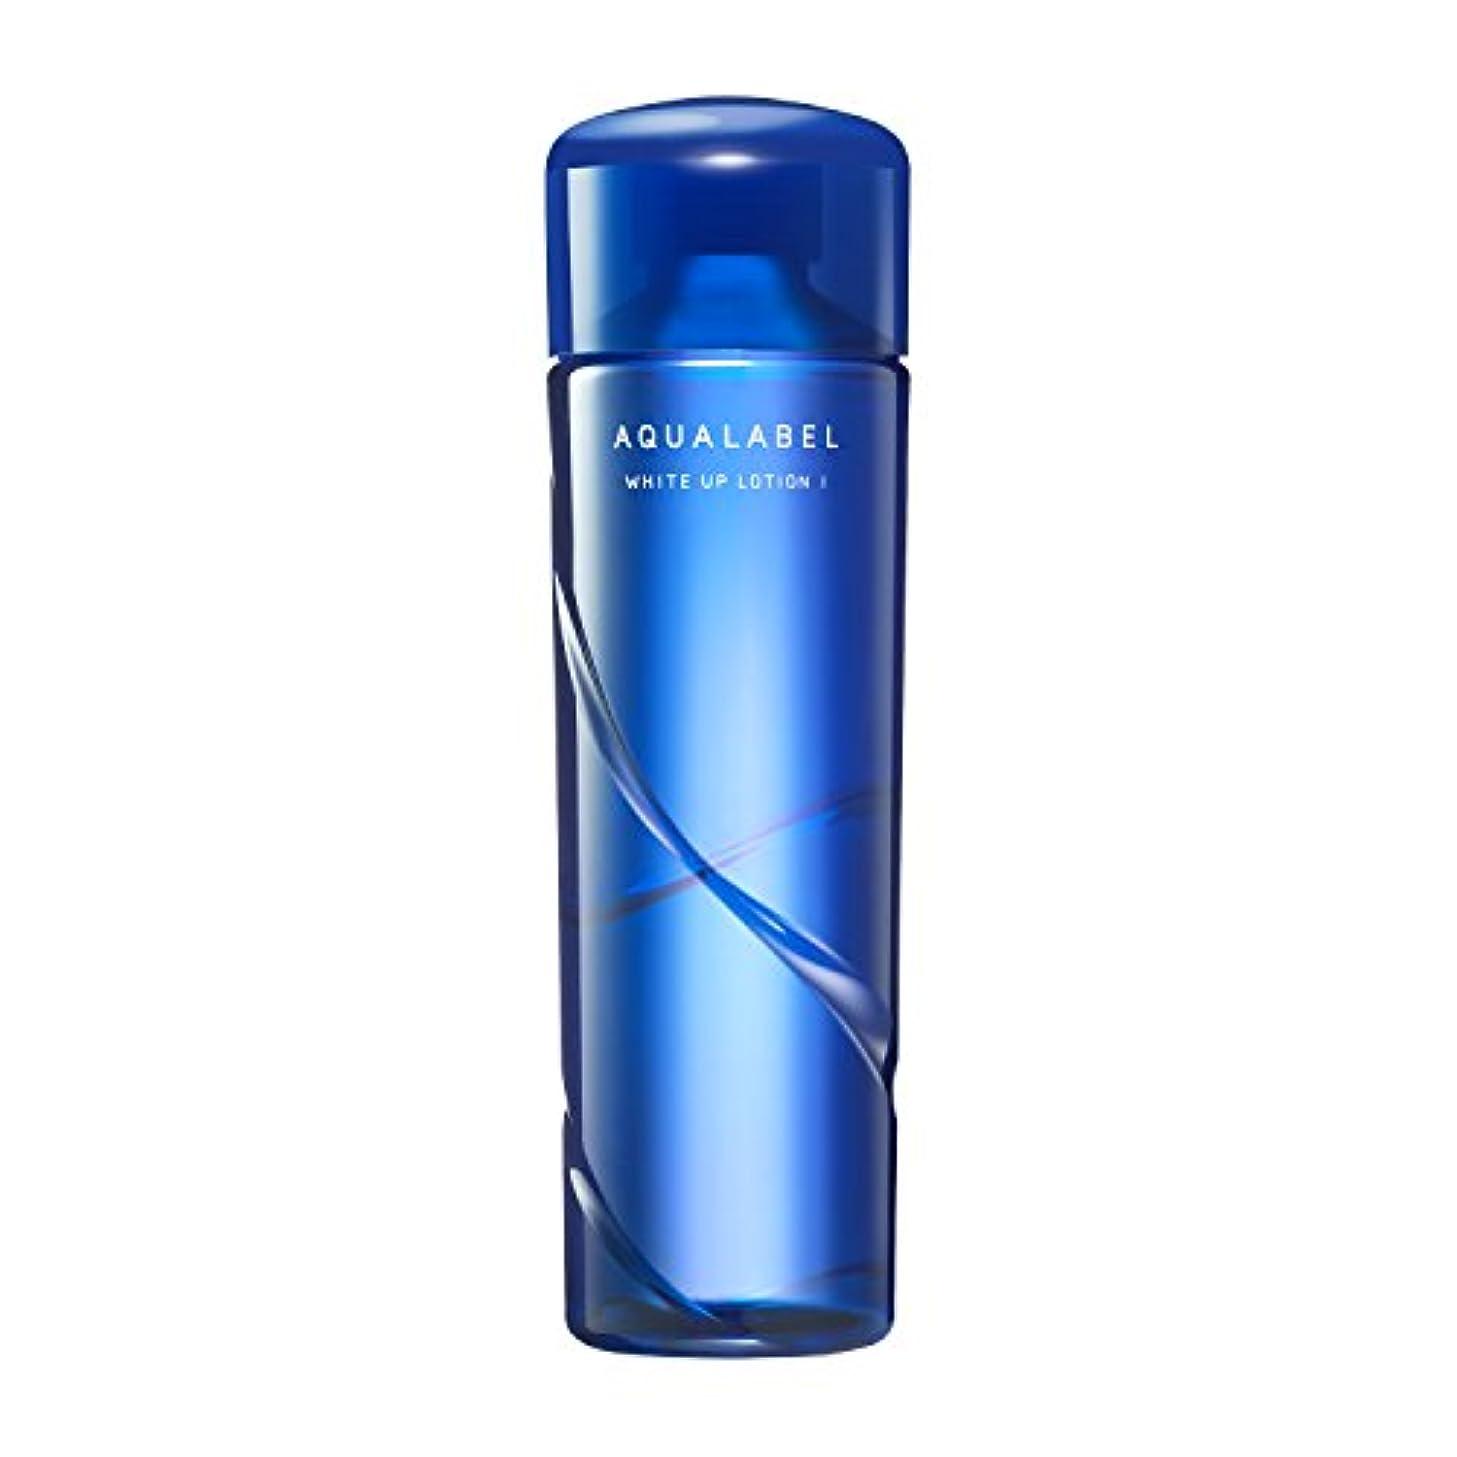 ゴミやむを得ないアシュリータファーマンアクアレーベル ホワイトアップ ローション 保湿?美白化粧水 (1) さっぱり 200mL 【医薬部外品】